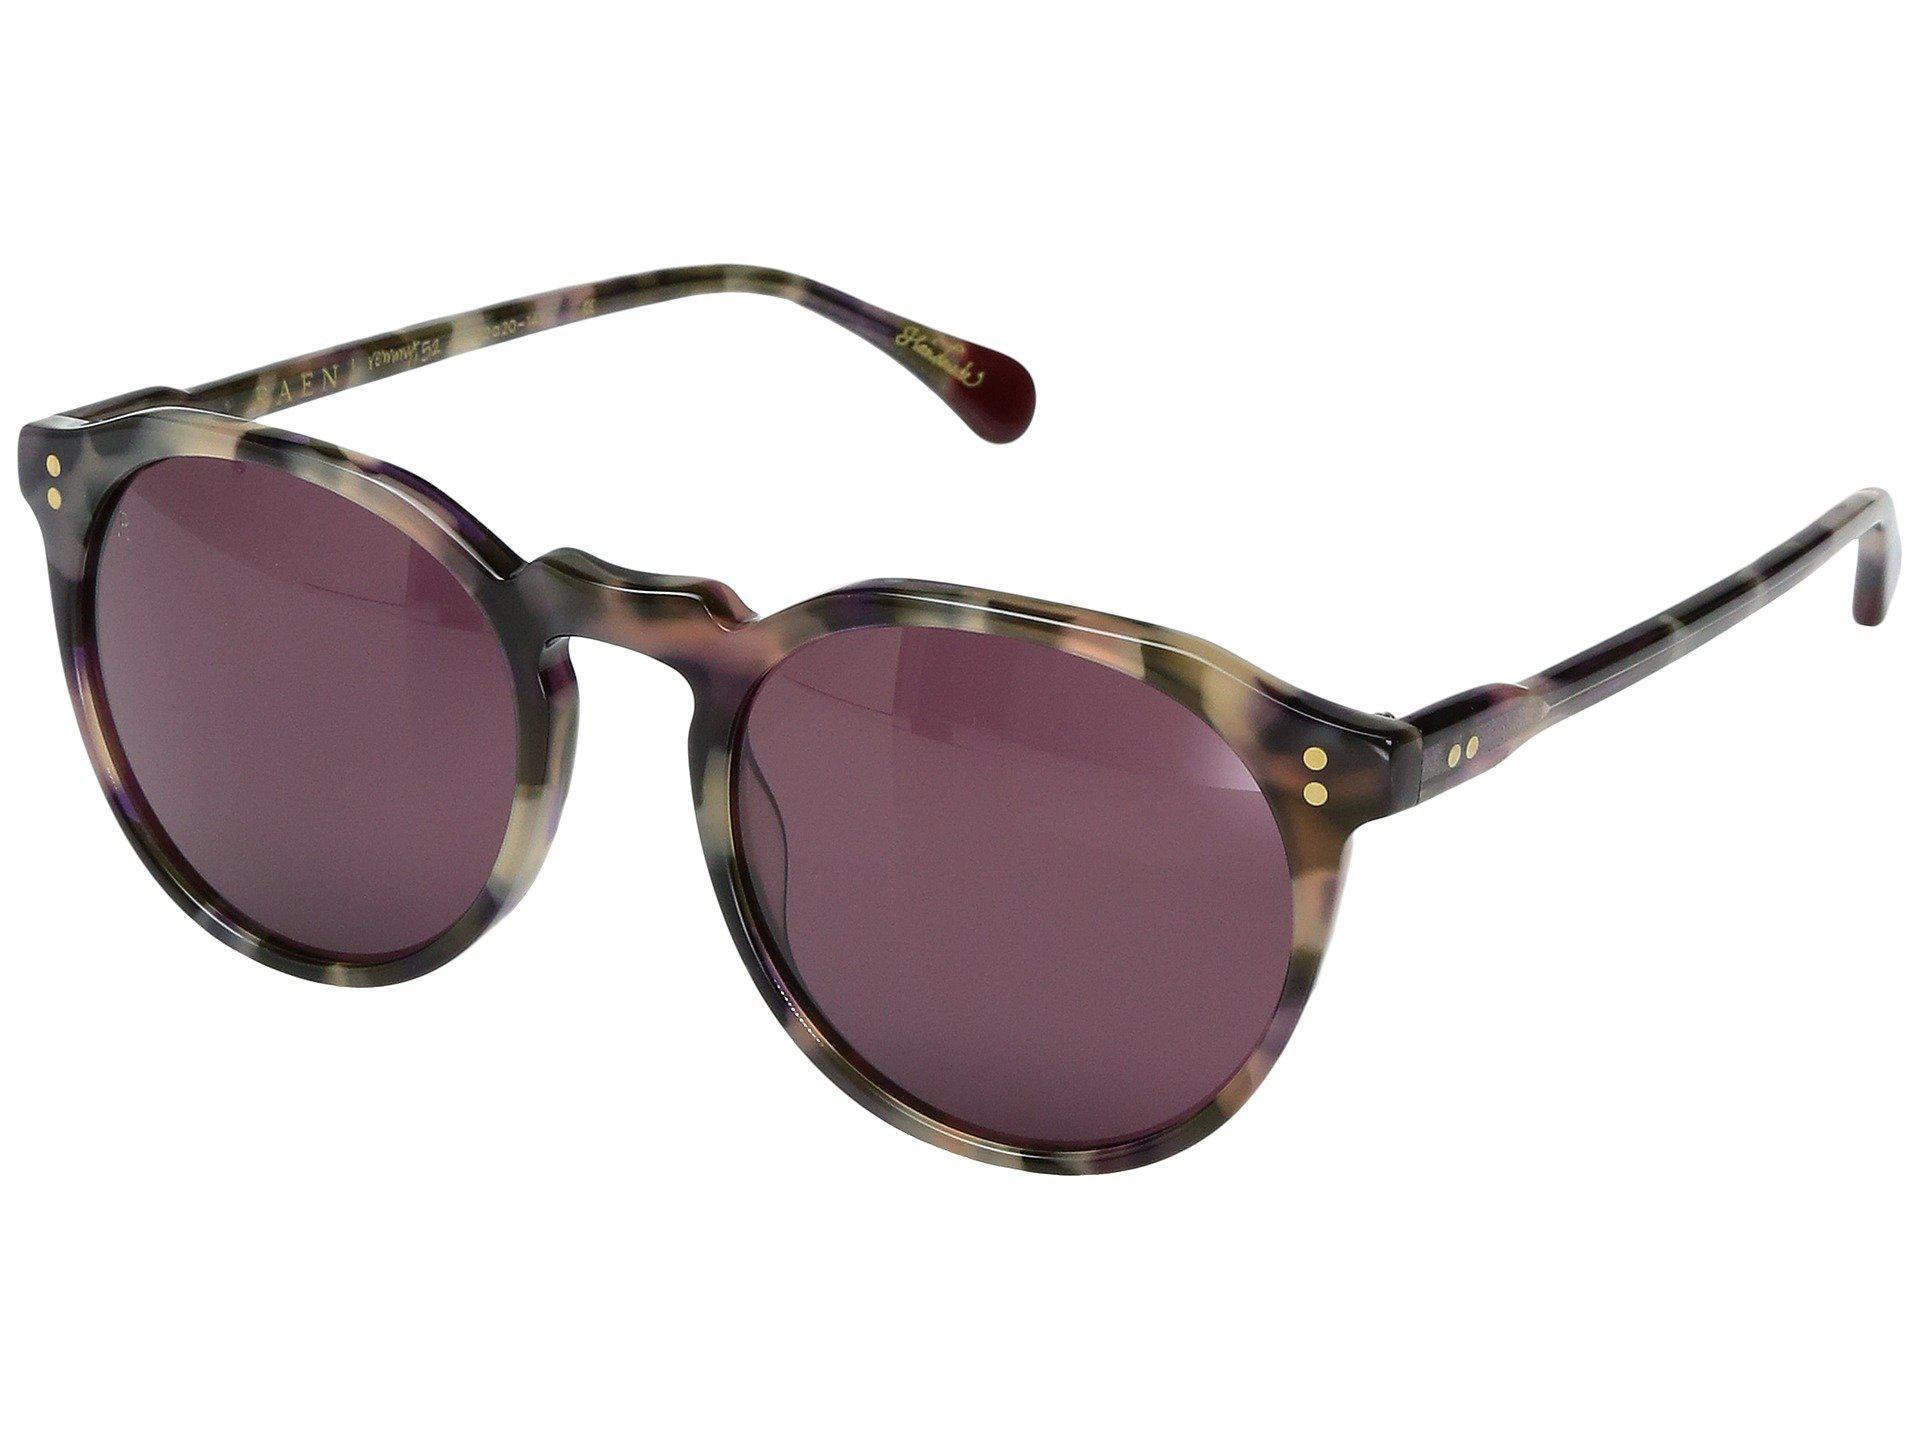 649f35b6e4 Raen. Women s Remmy (wren) Fashion Sunglasses